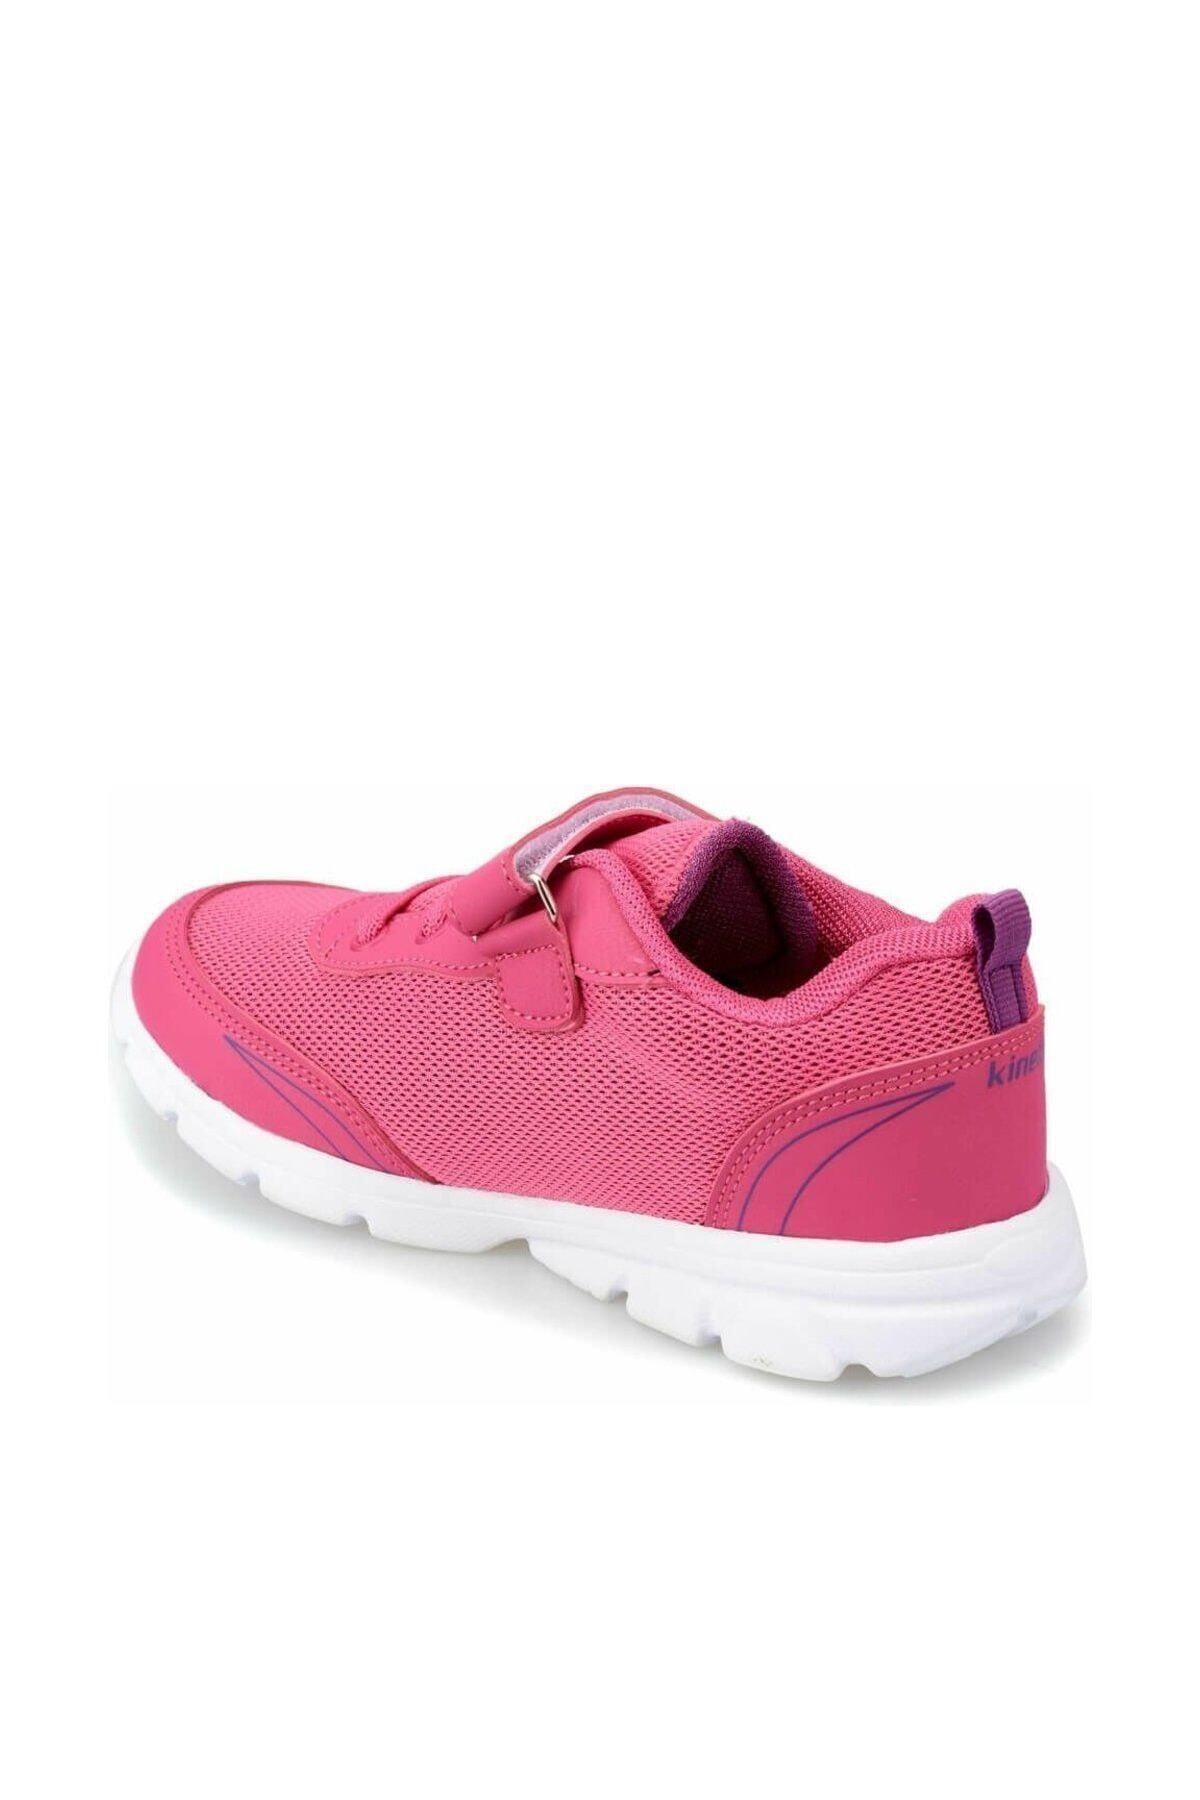 Kinetix YANNI Fuşya Mor Kız Çocuk Koşu Ayakkabısı 100314940 2